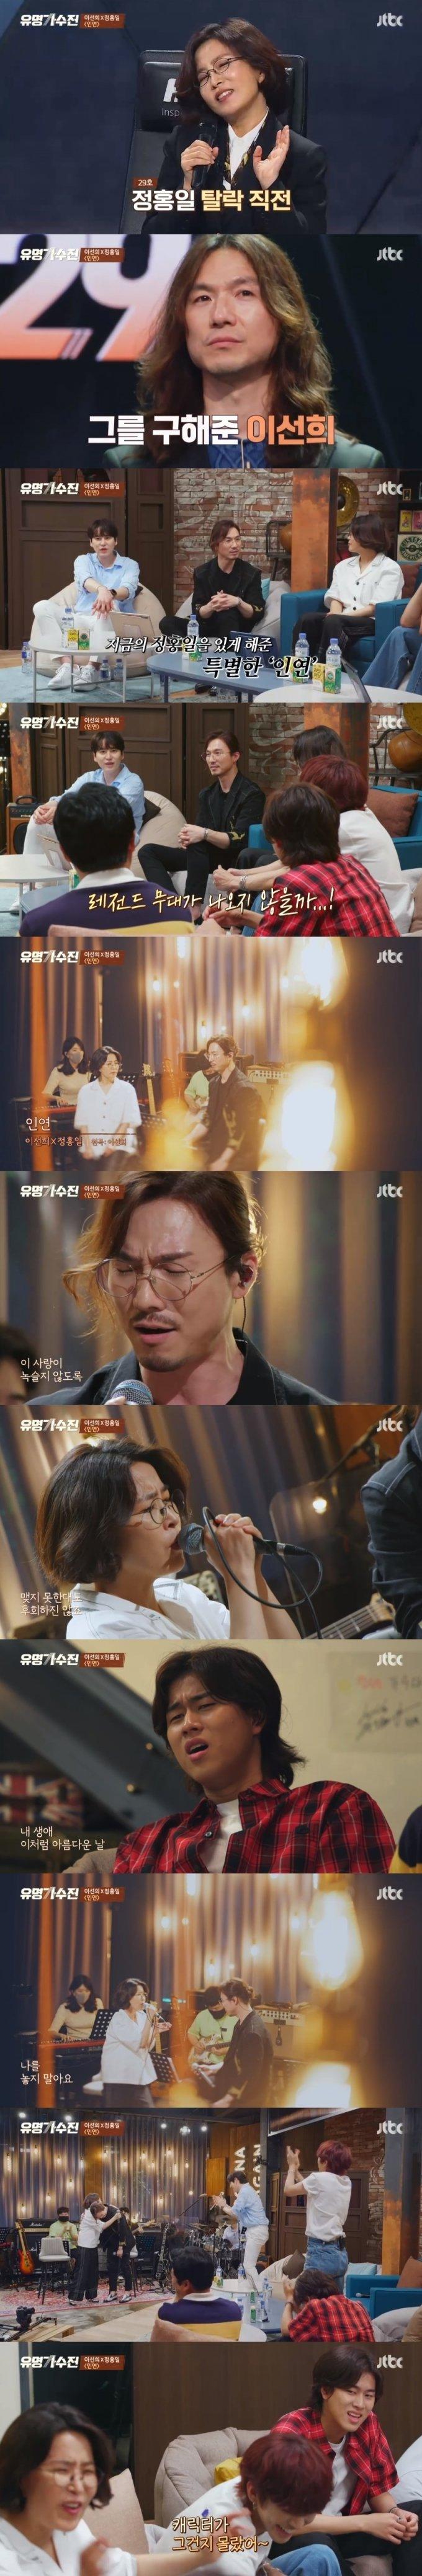 정홍일, 탈락 직전 구해준 이선희와 '인연' 컬래버…레전드 무대 [RE:TV]